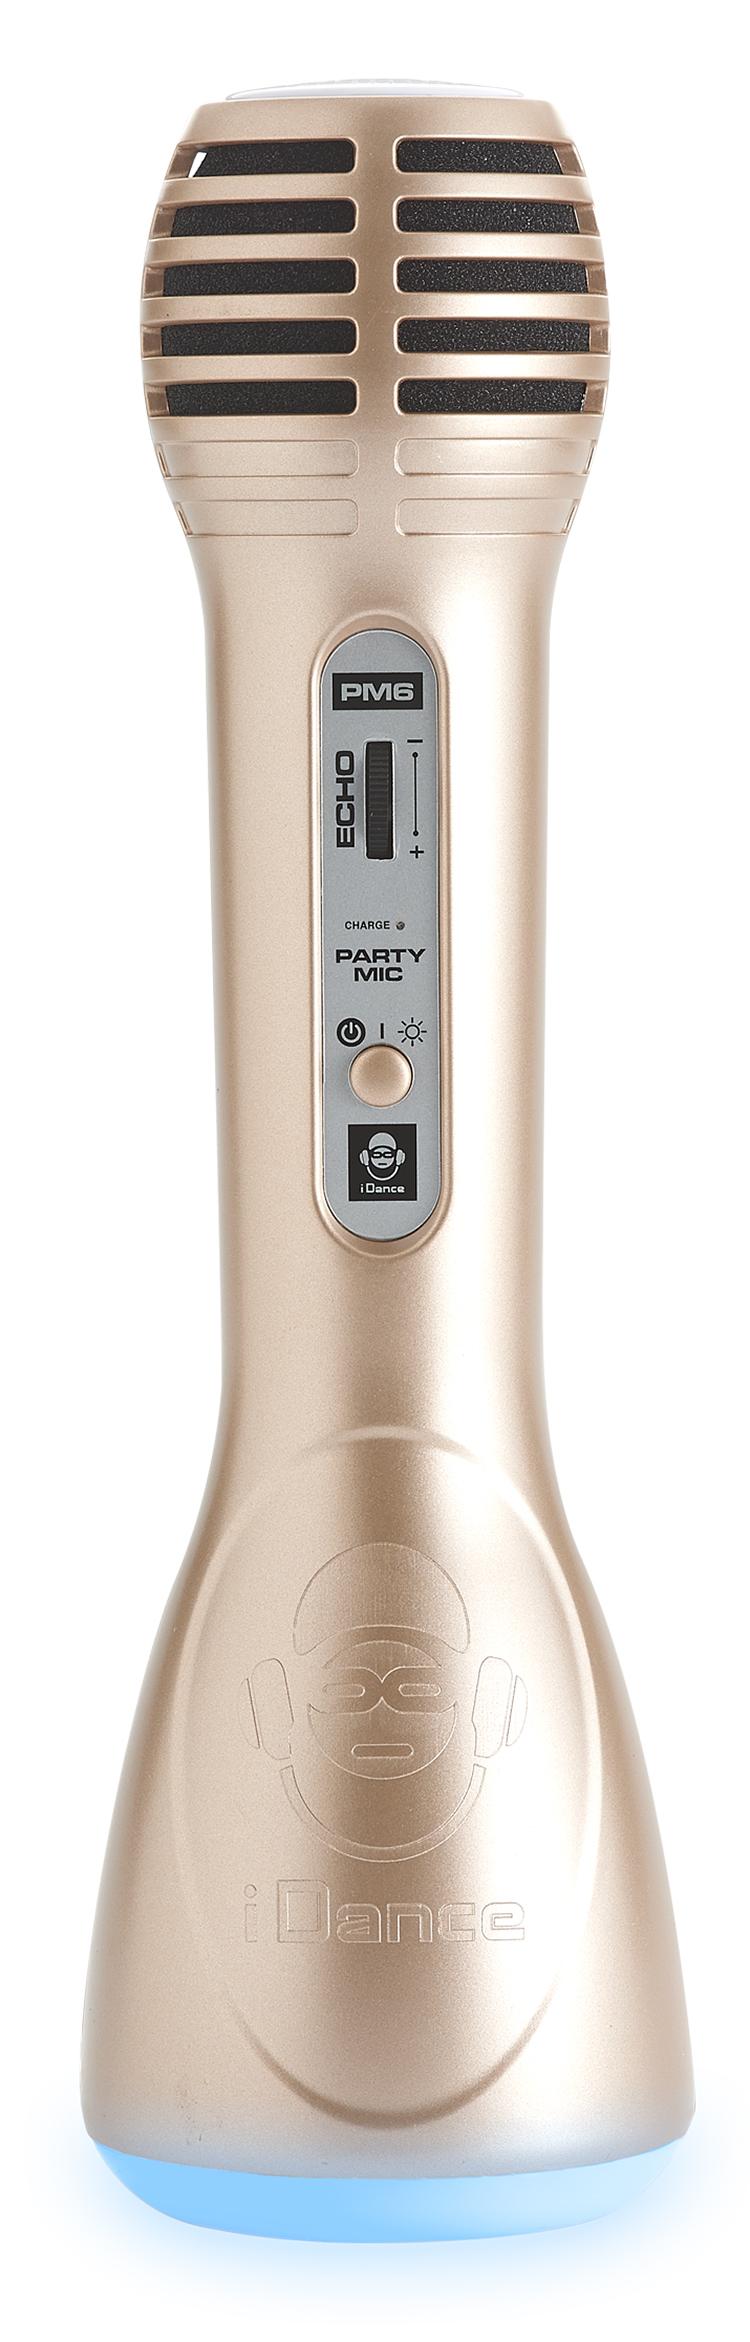 Microphone tout en un Bluetooth® et Karaoké PM6GD i Dance - Visuel